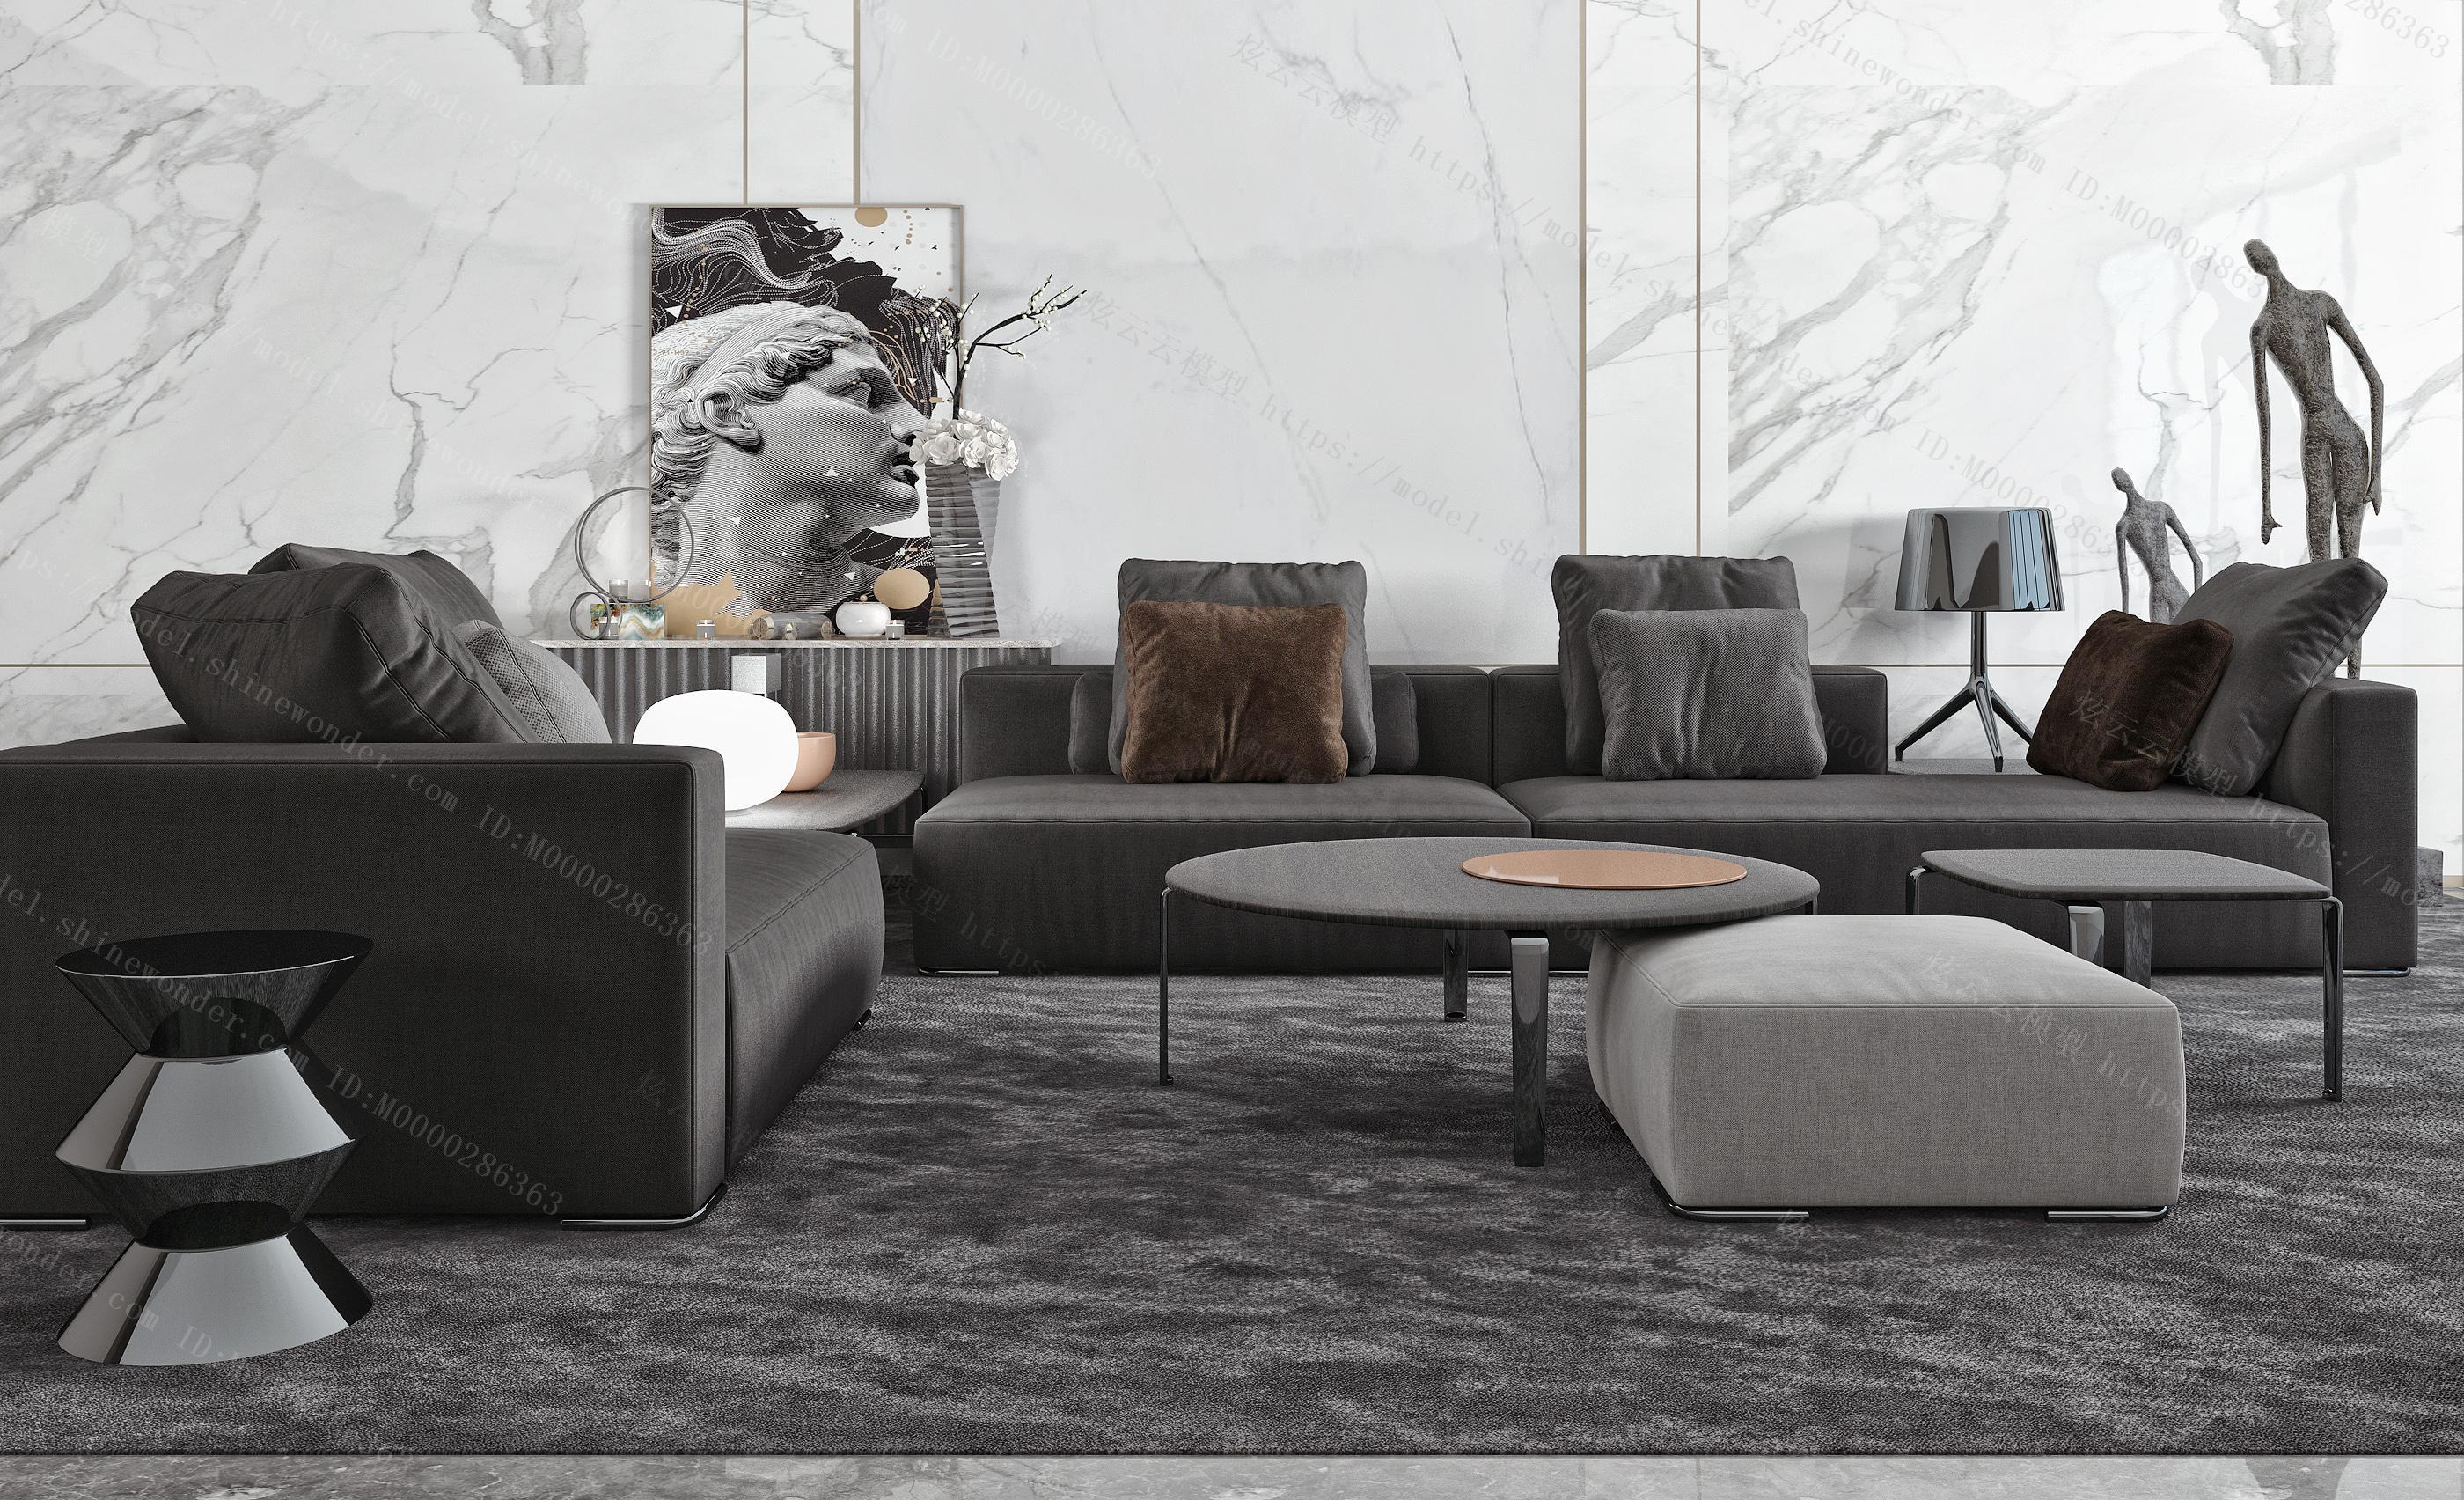 现代转角布艺沙发  圆凳 矮凳  黑白灰模型